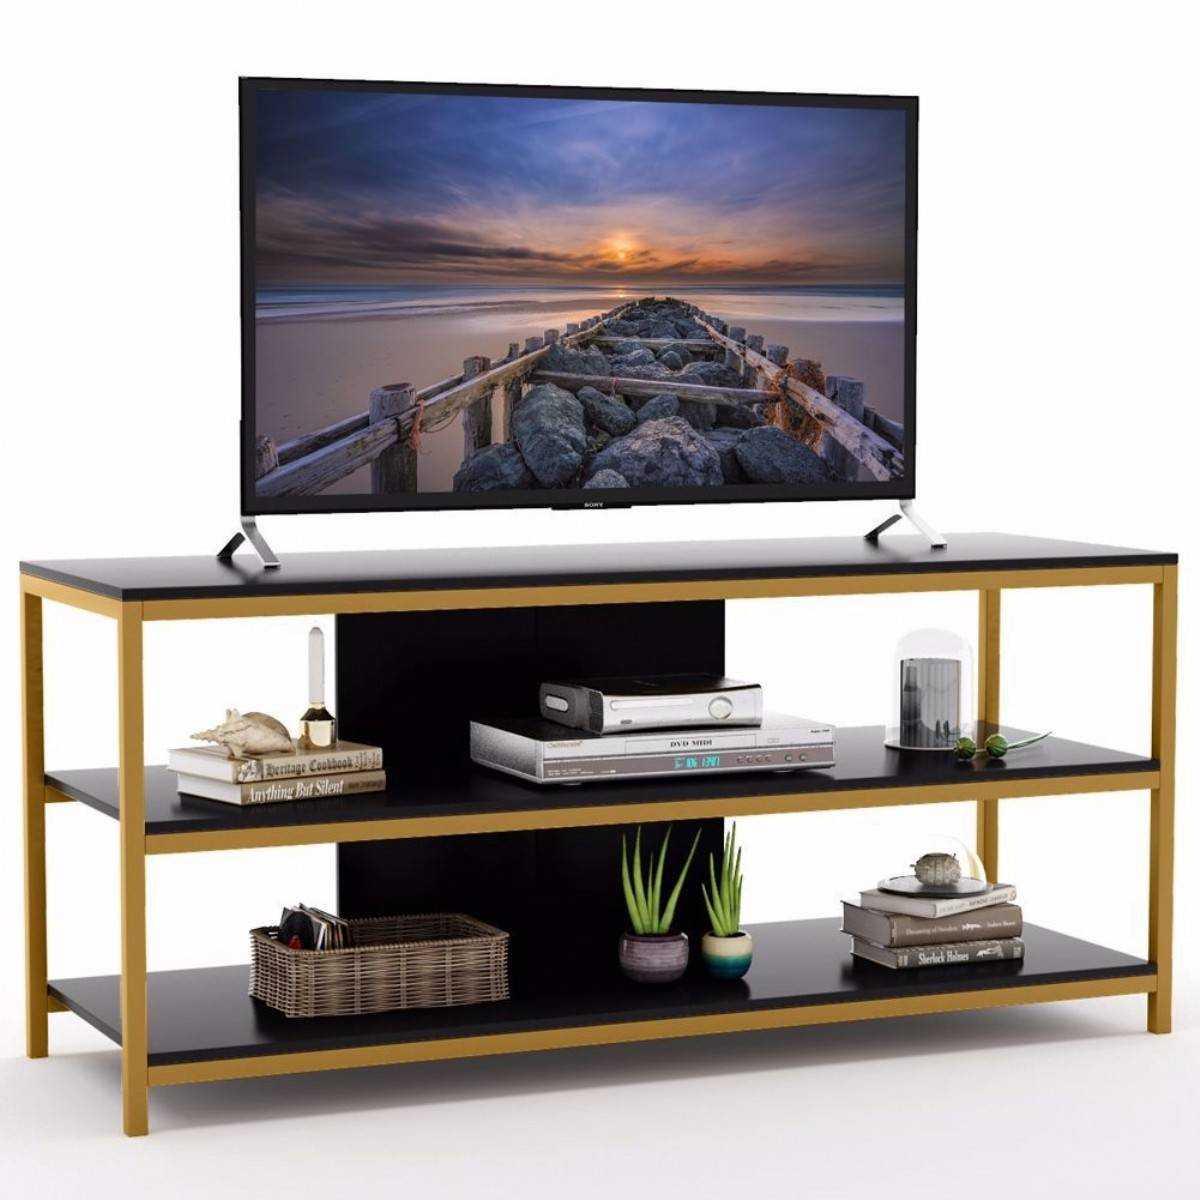 Zizuva Tasarım  Metal Ev Ofis Büro  Tv Sehpası